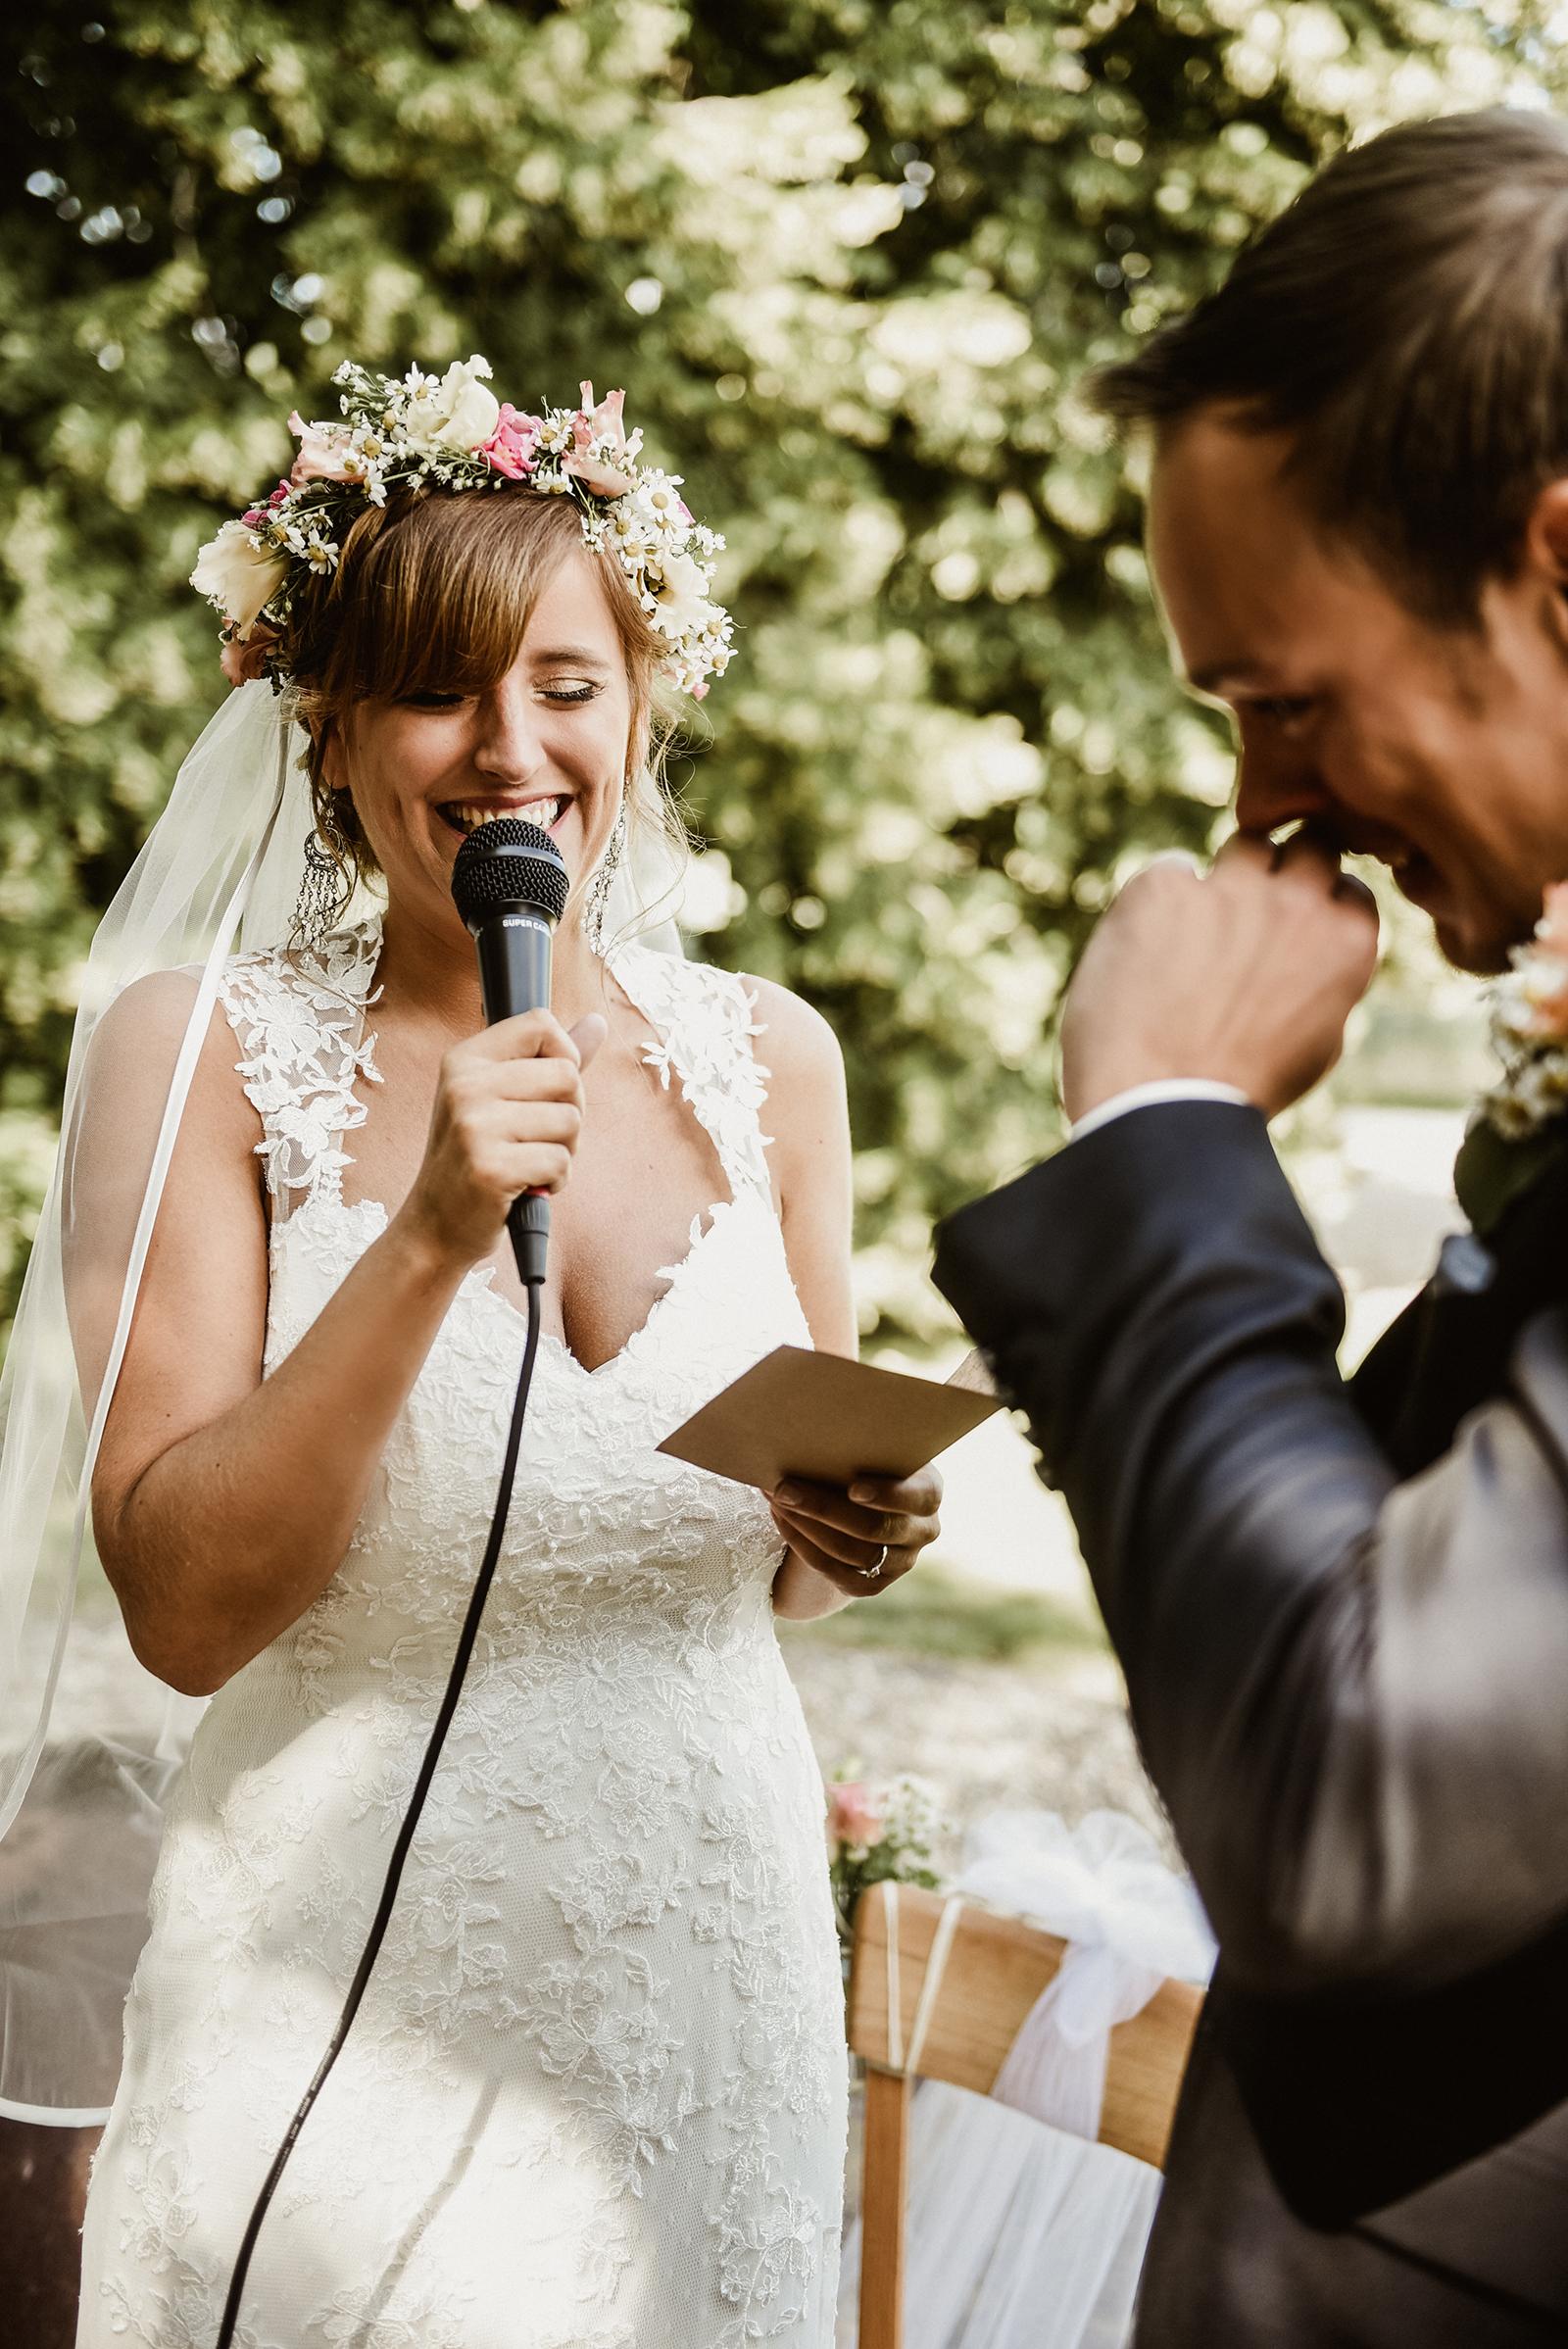 Emotionaler kann eine Hochzeit wohl kaum sein - J & T bei ihrem Eheversprechen